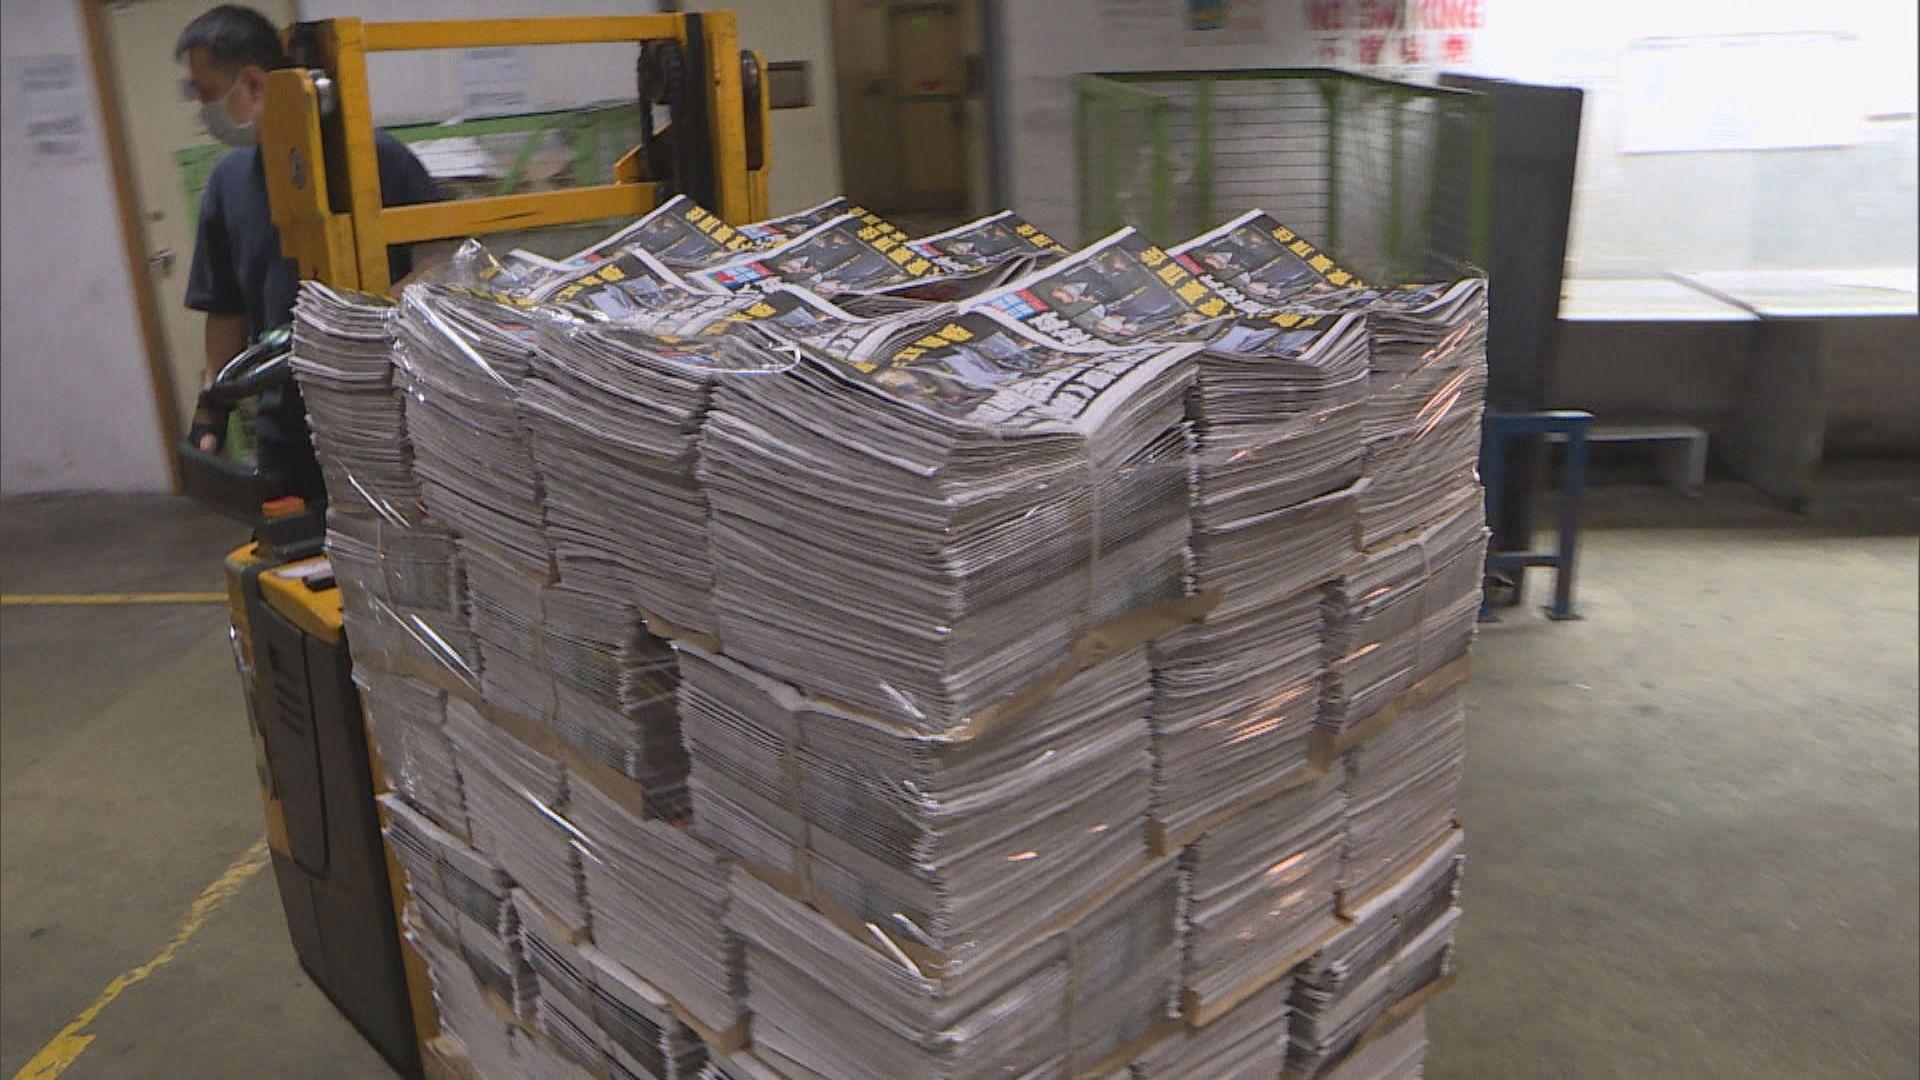 【50萬份】《蘋果日報》如常出版 旺角報攤凌晨有市民排隊購買